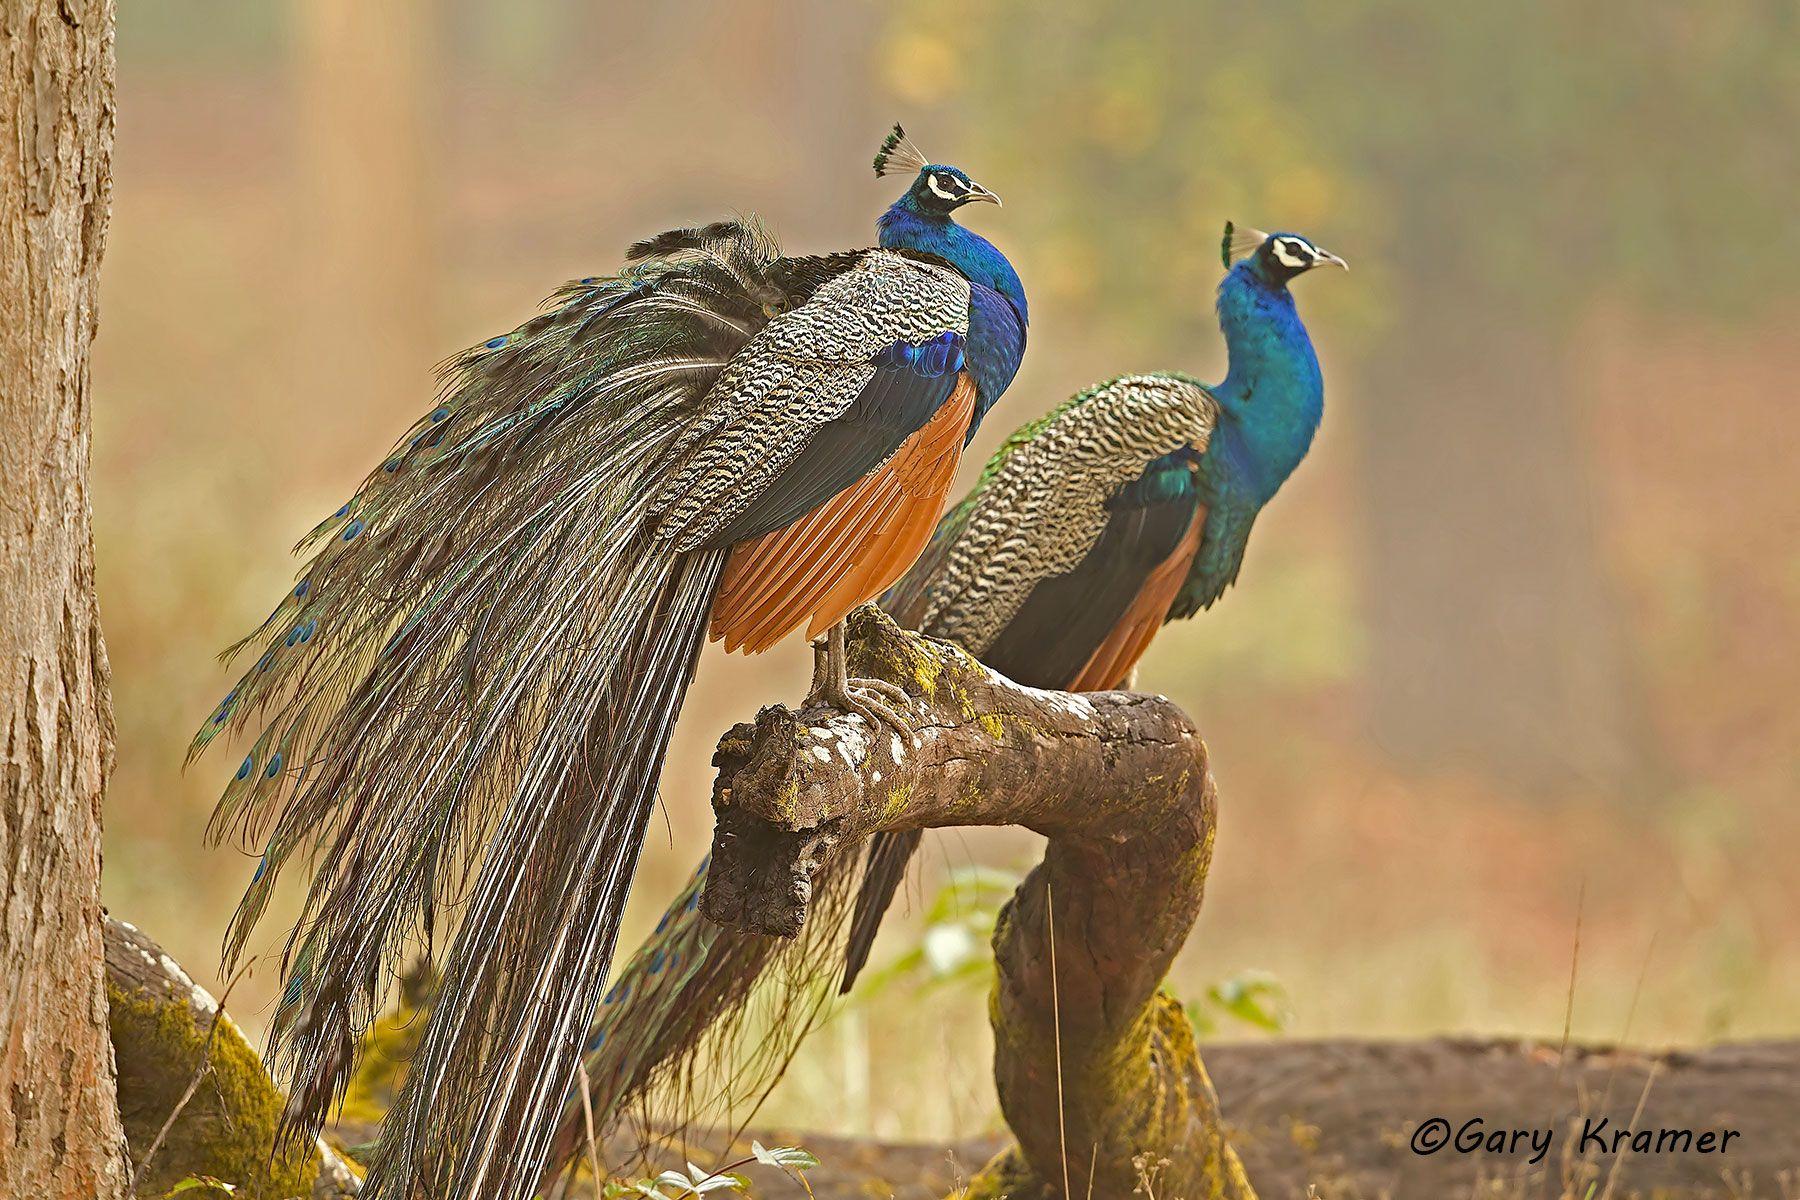 Indian (Common) Peafowl (Pavo cristatus) - AsBP#008d